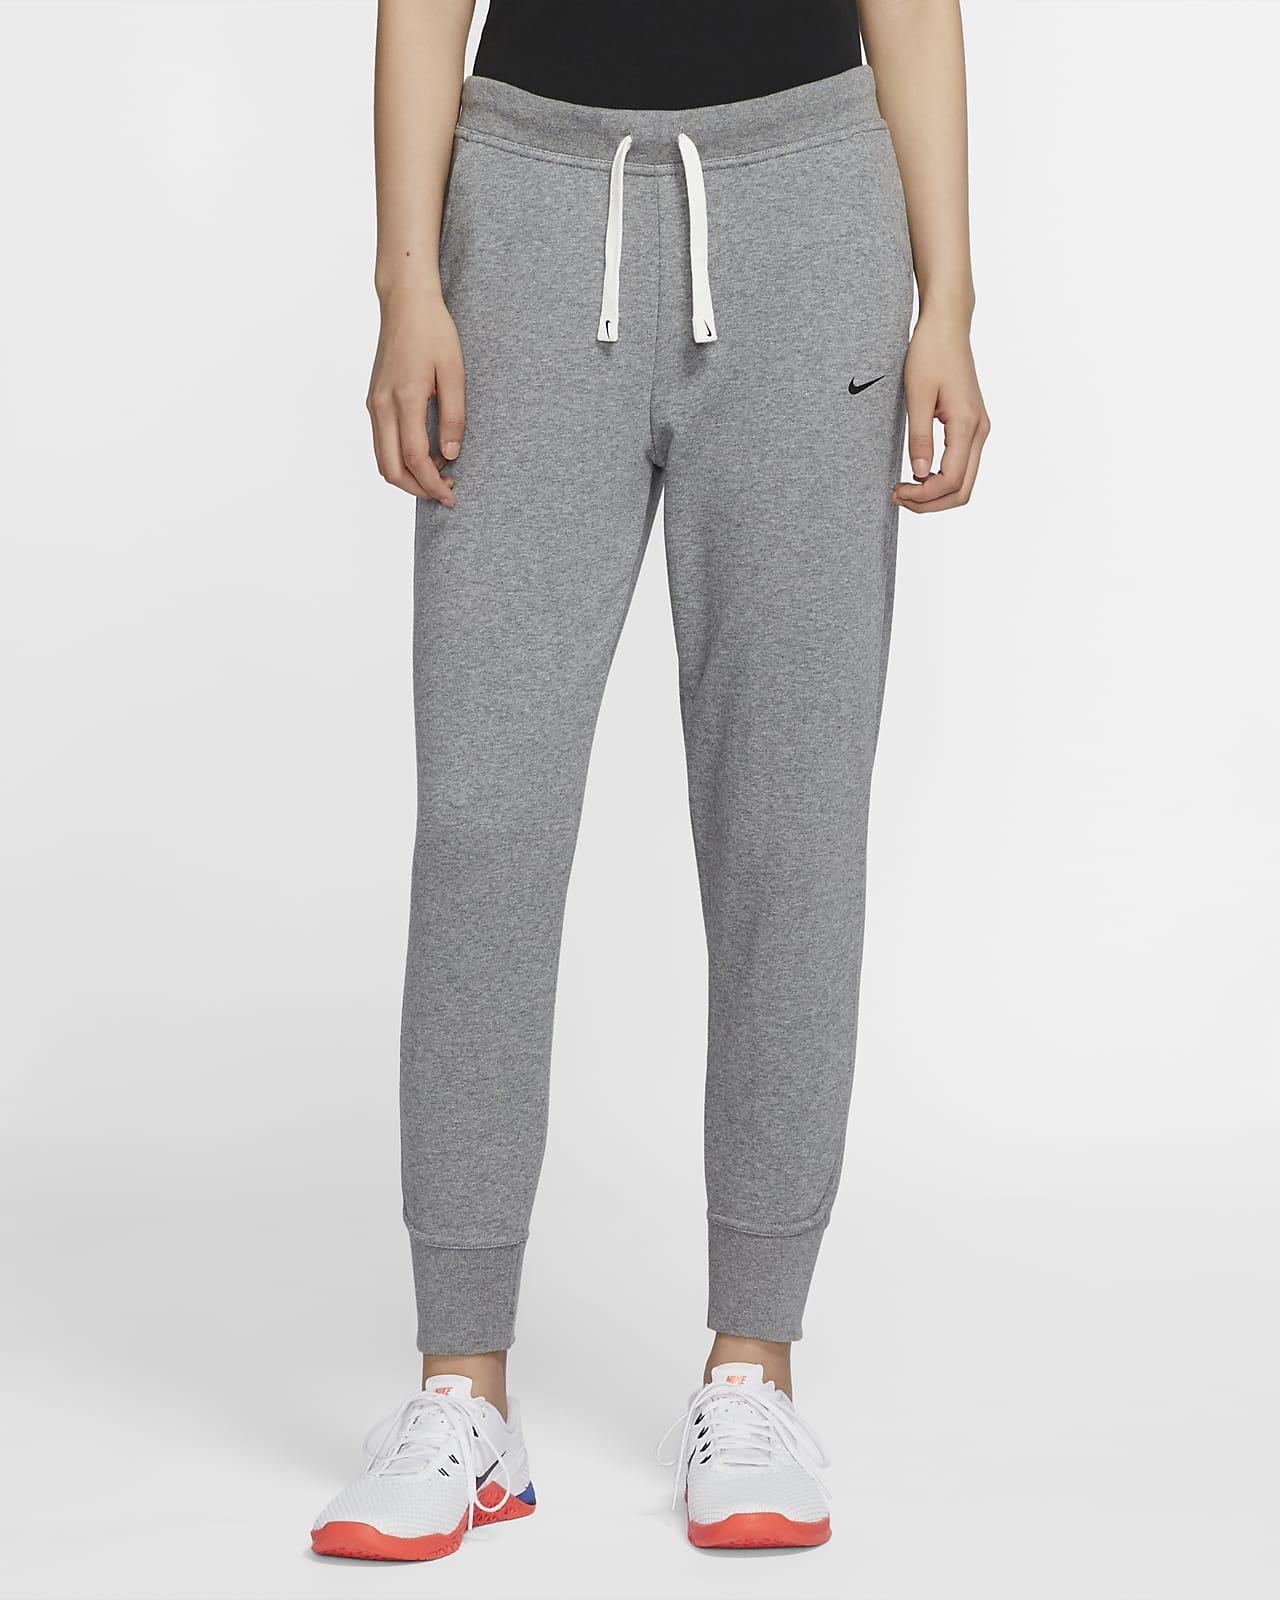 Pantalon de training Nike Dri-FIT Get Fit pour Femme